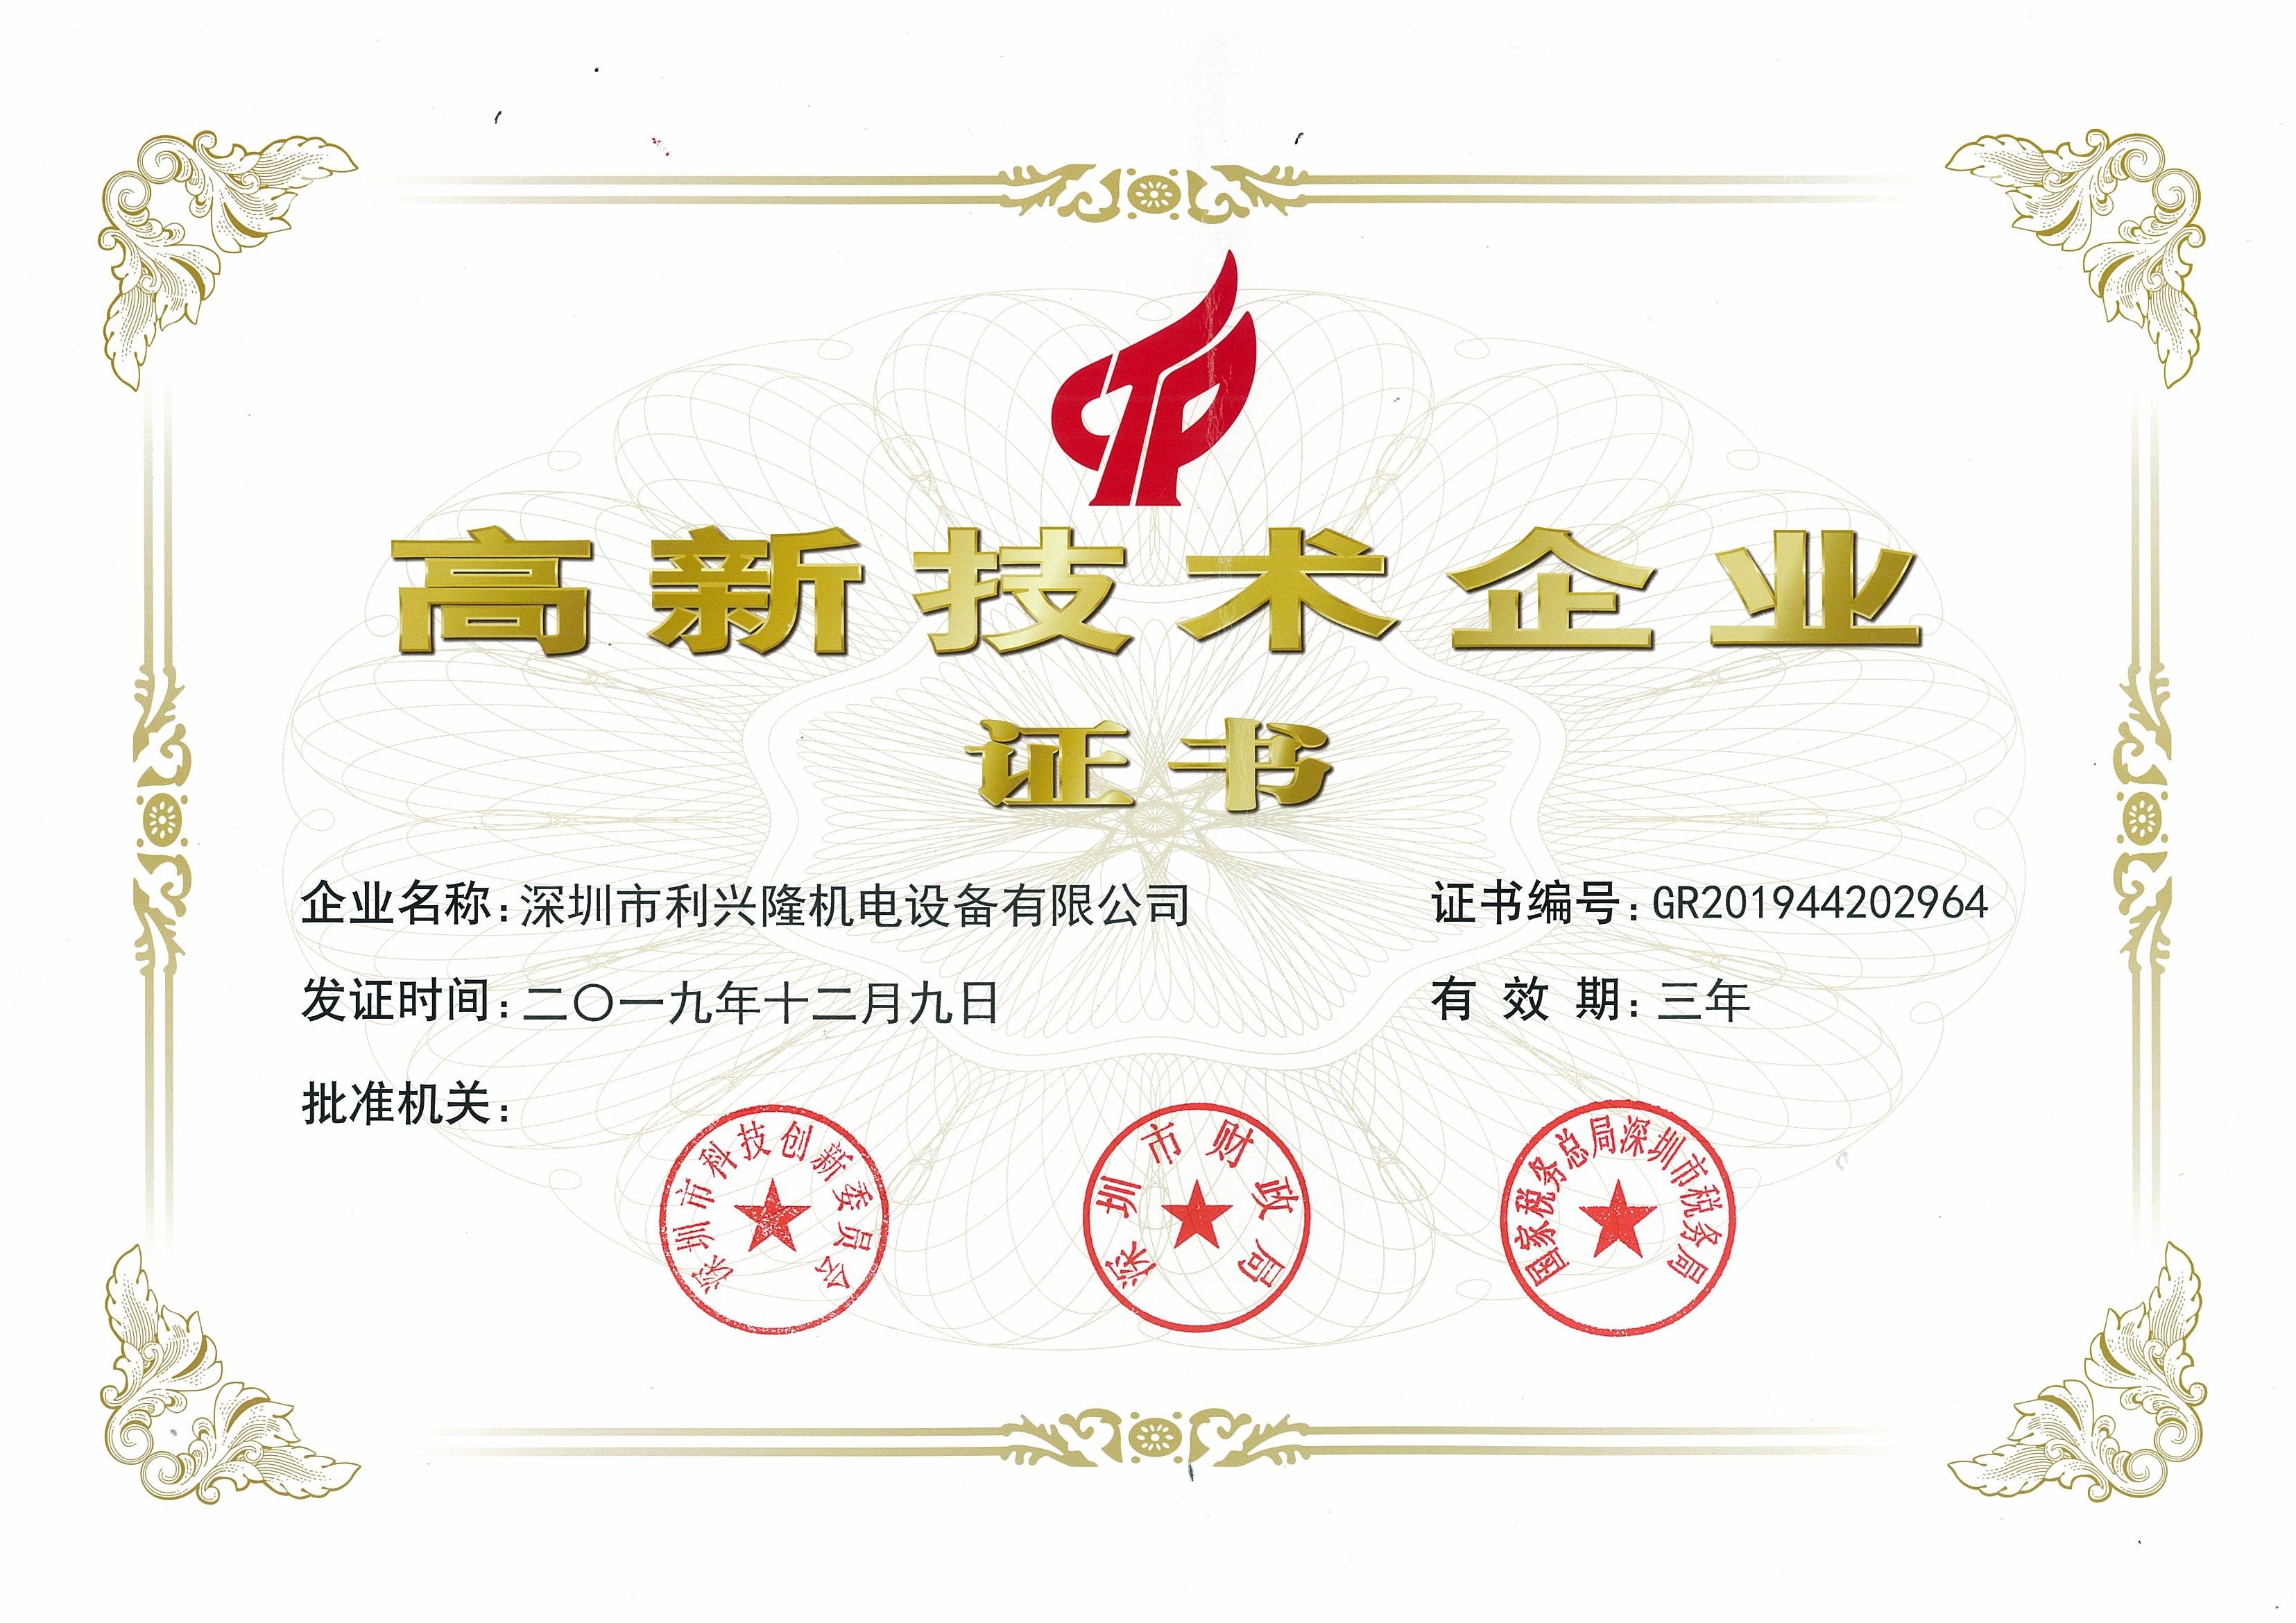 新篇章|熱烈祝賀本公司榮獲國家高新技術企業證書